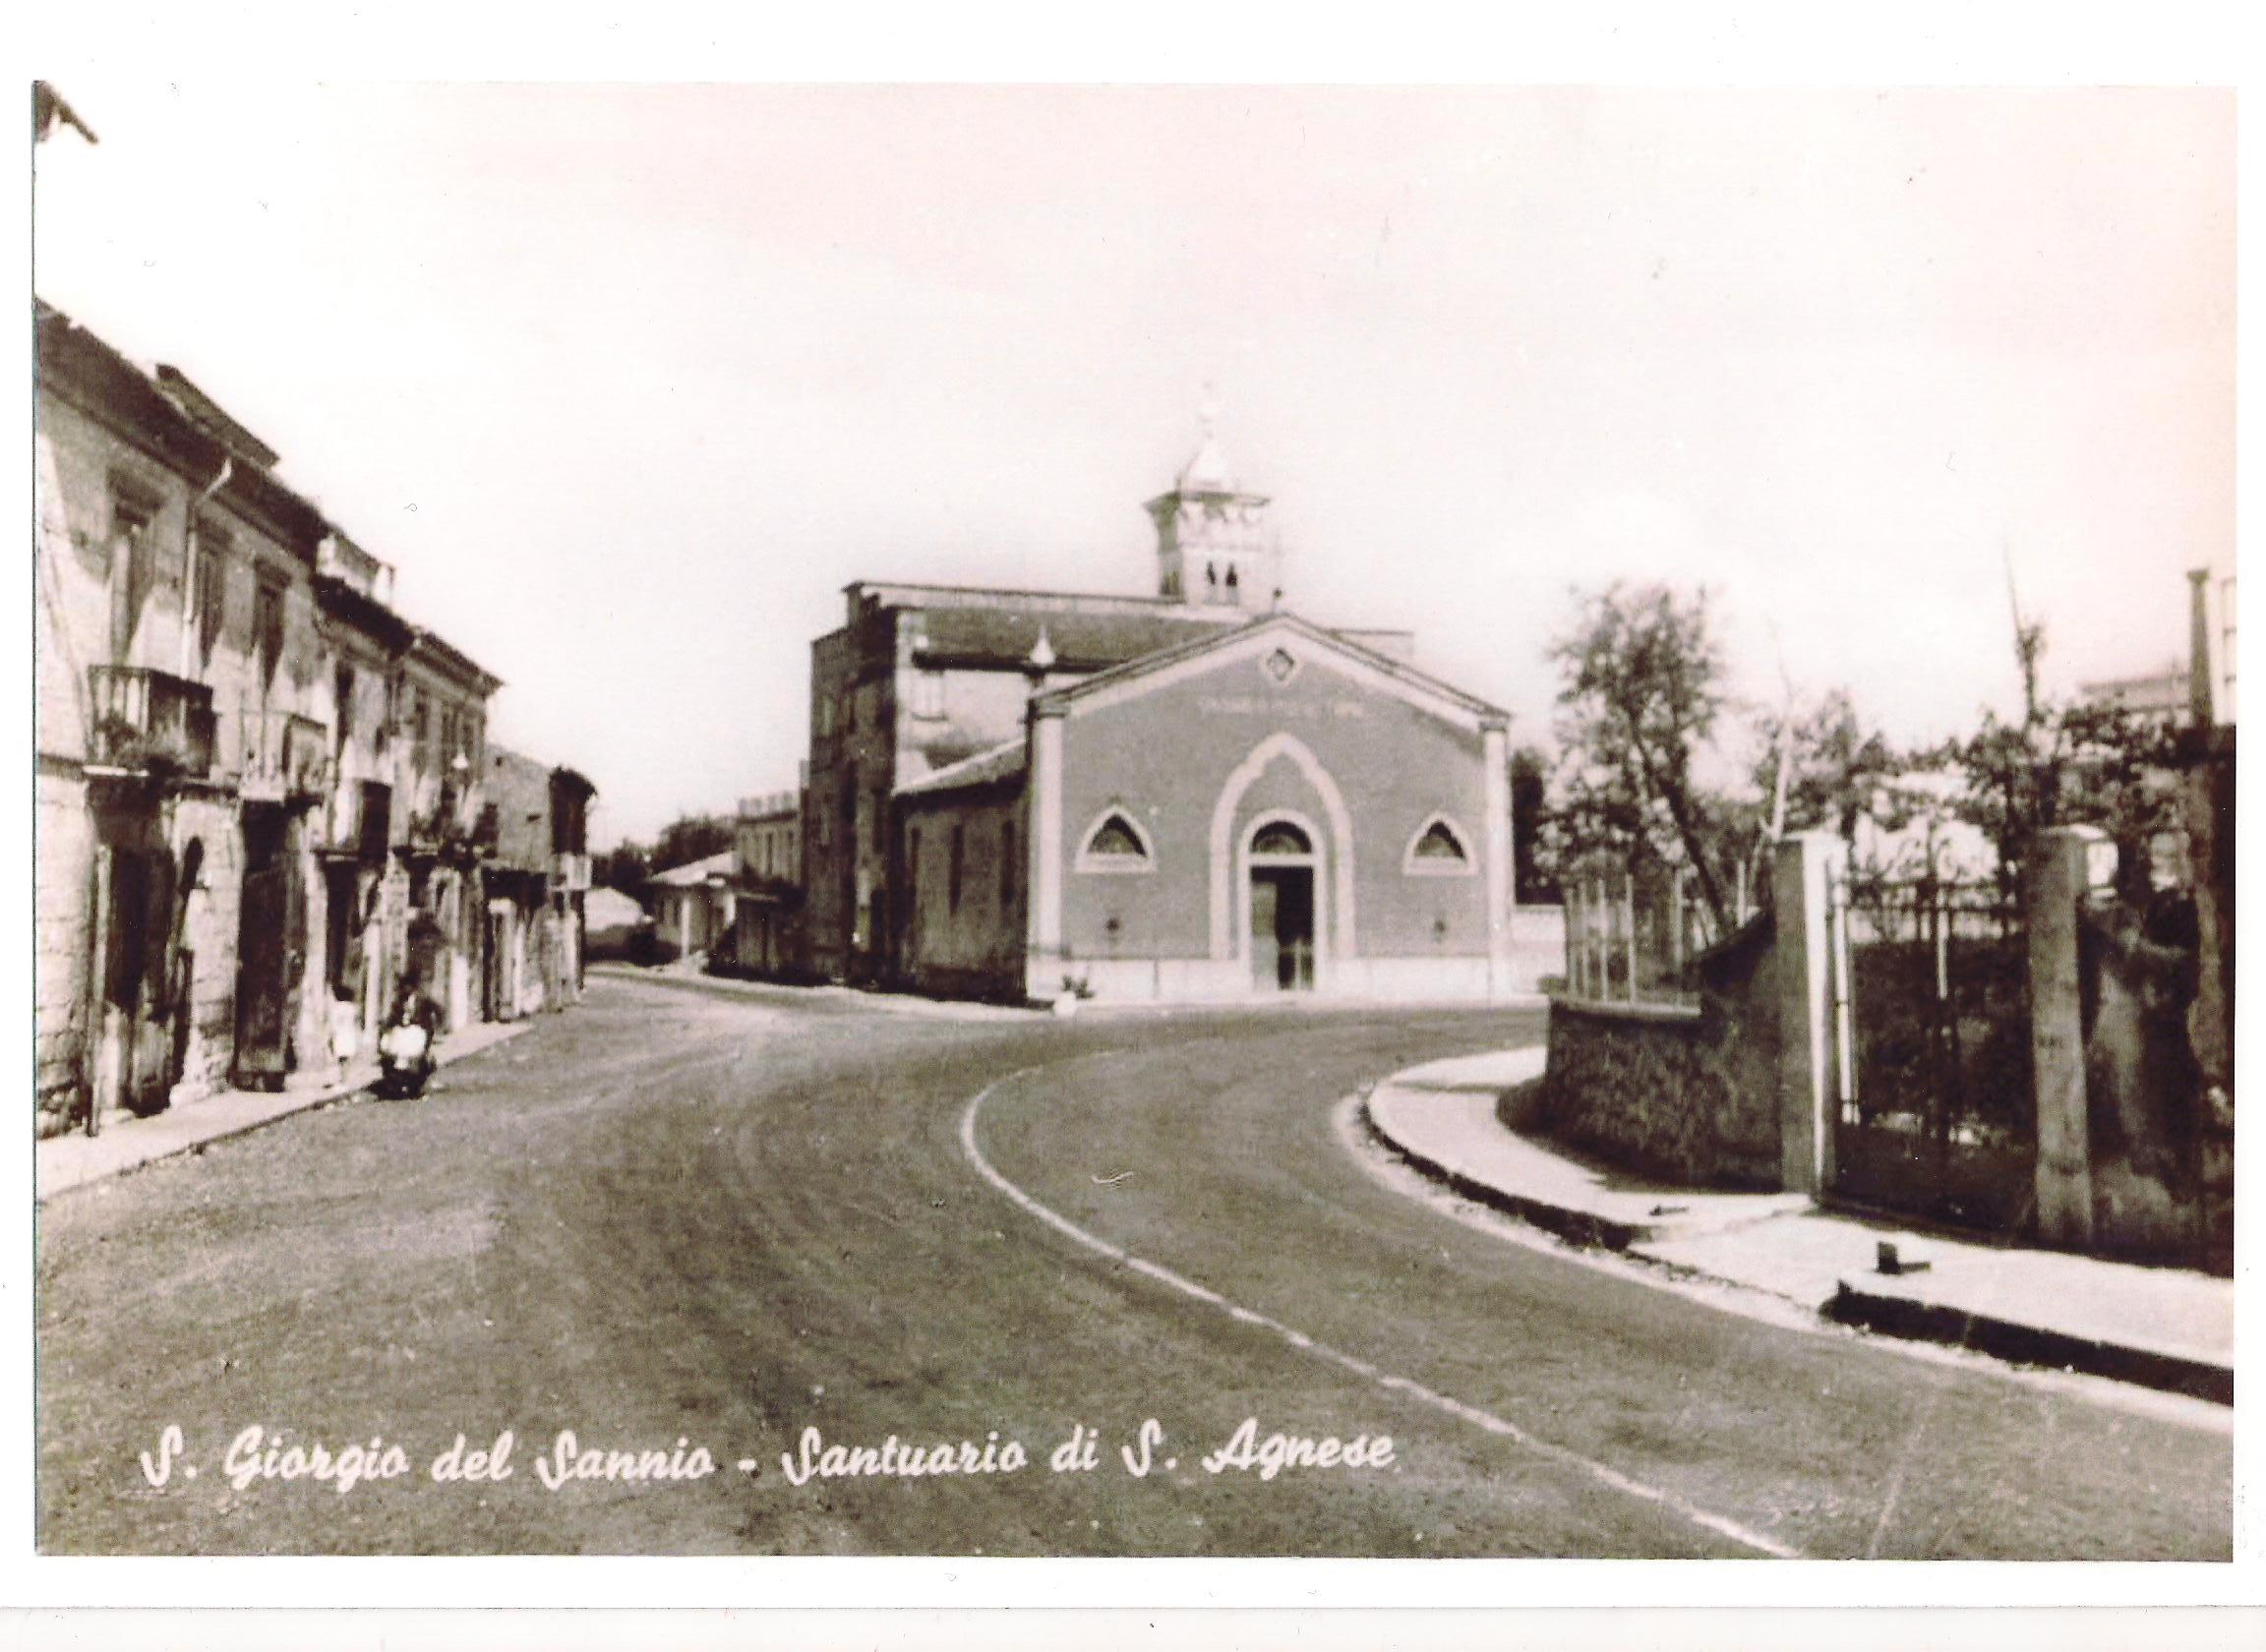 Di Sannio San Fotografico Giorgio Album Del AnTgq5a